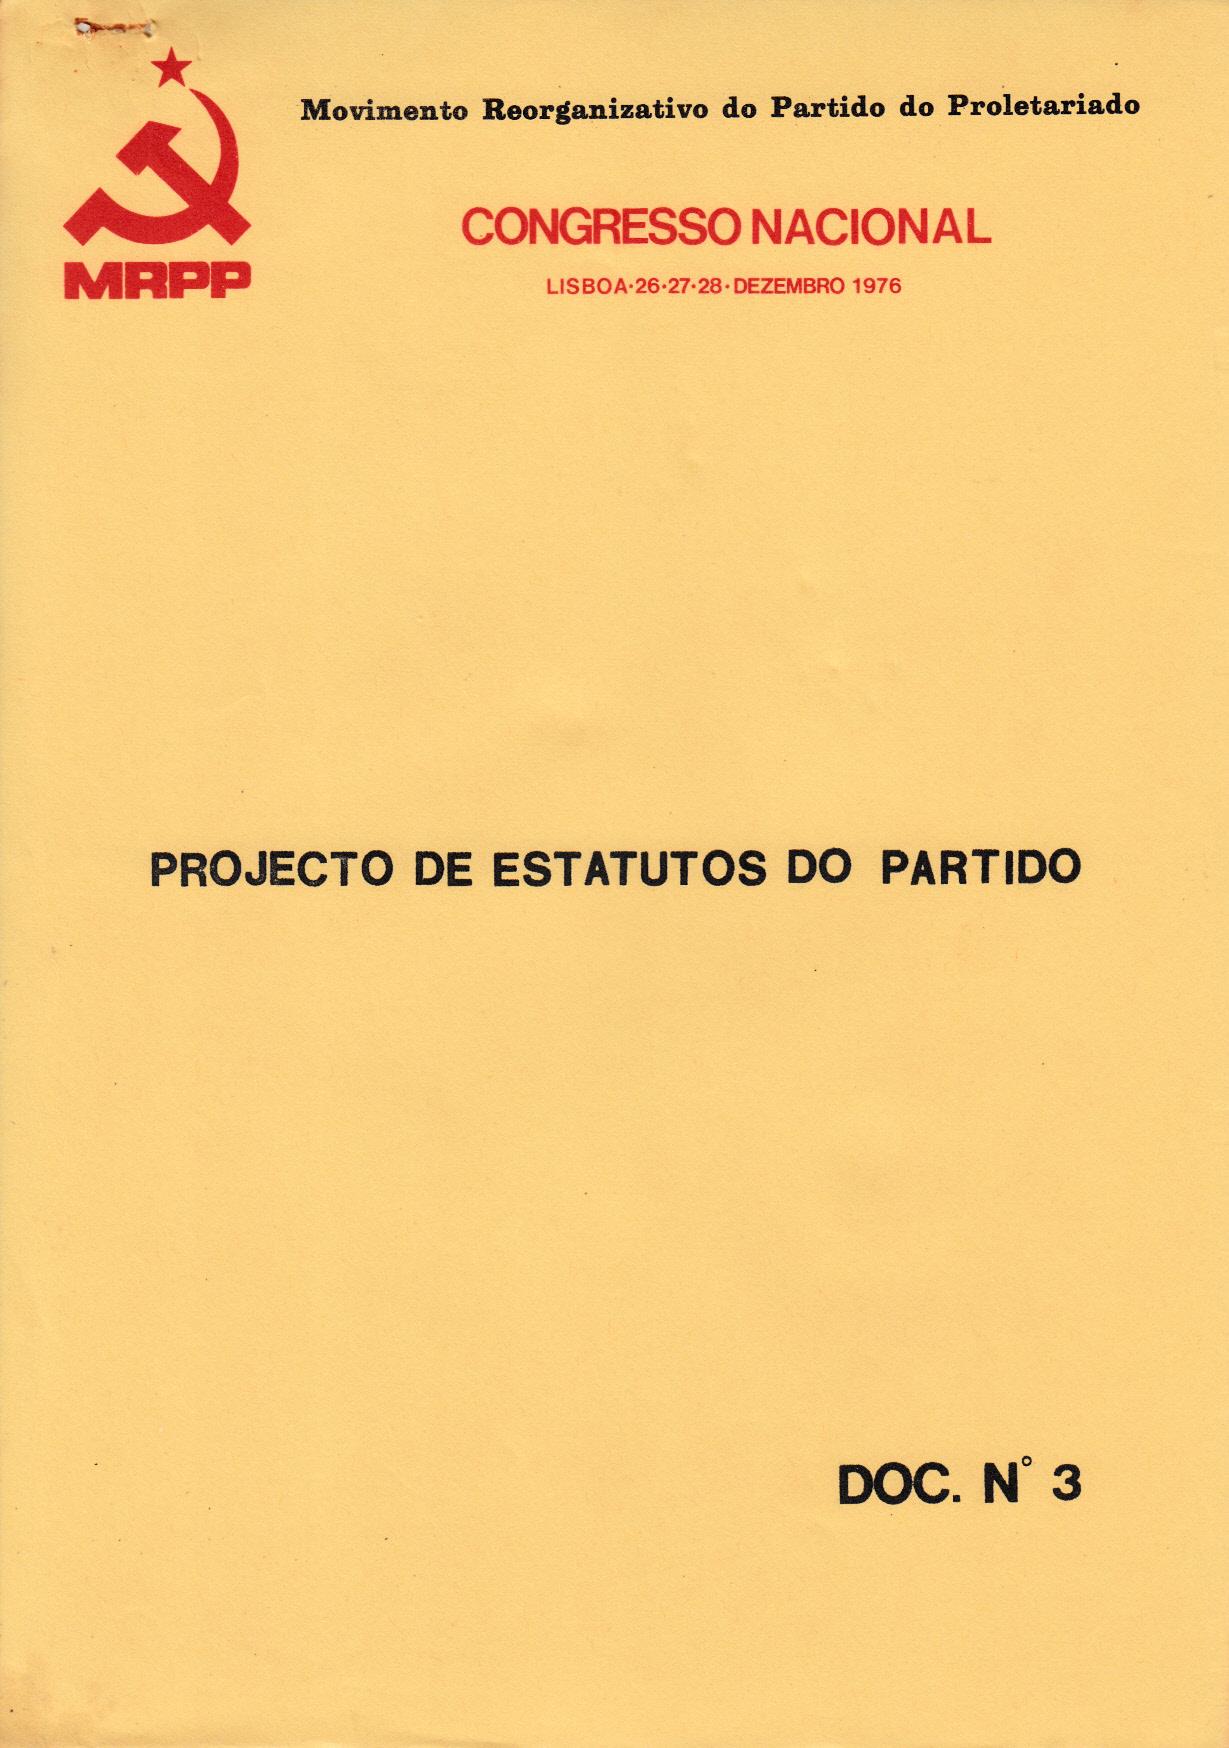 MRPP_1976_12_26_cn7